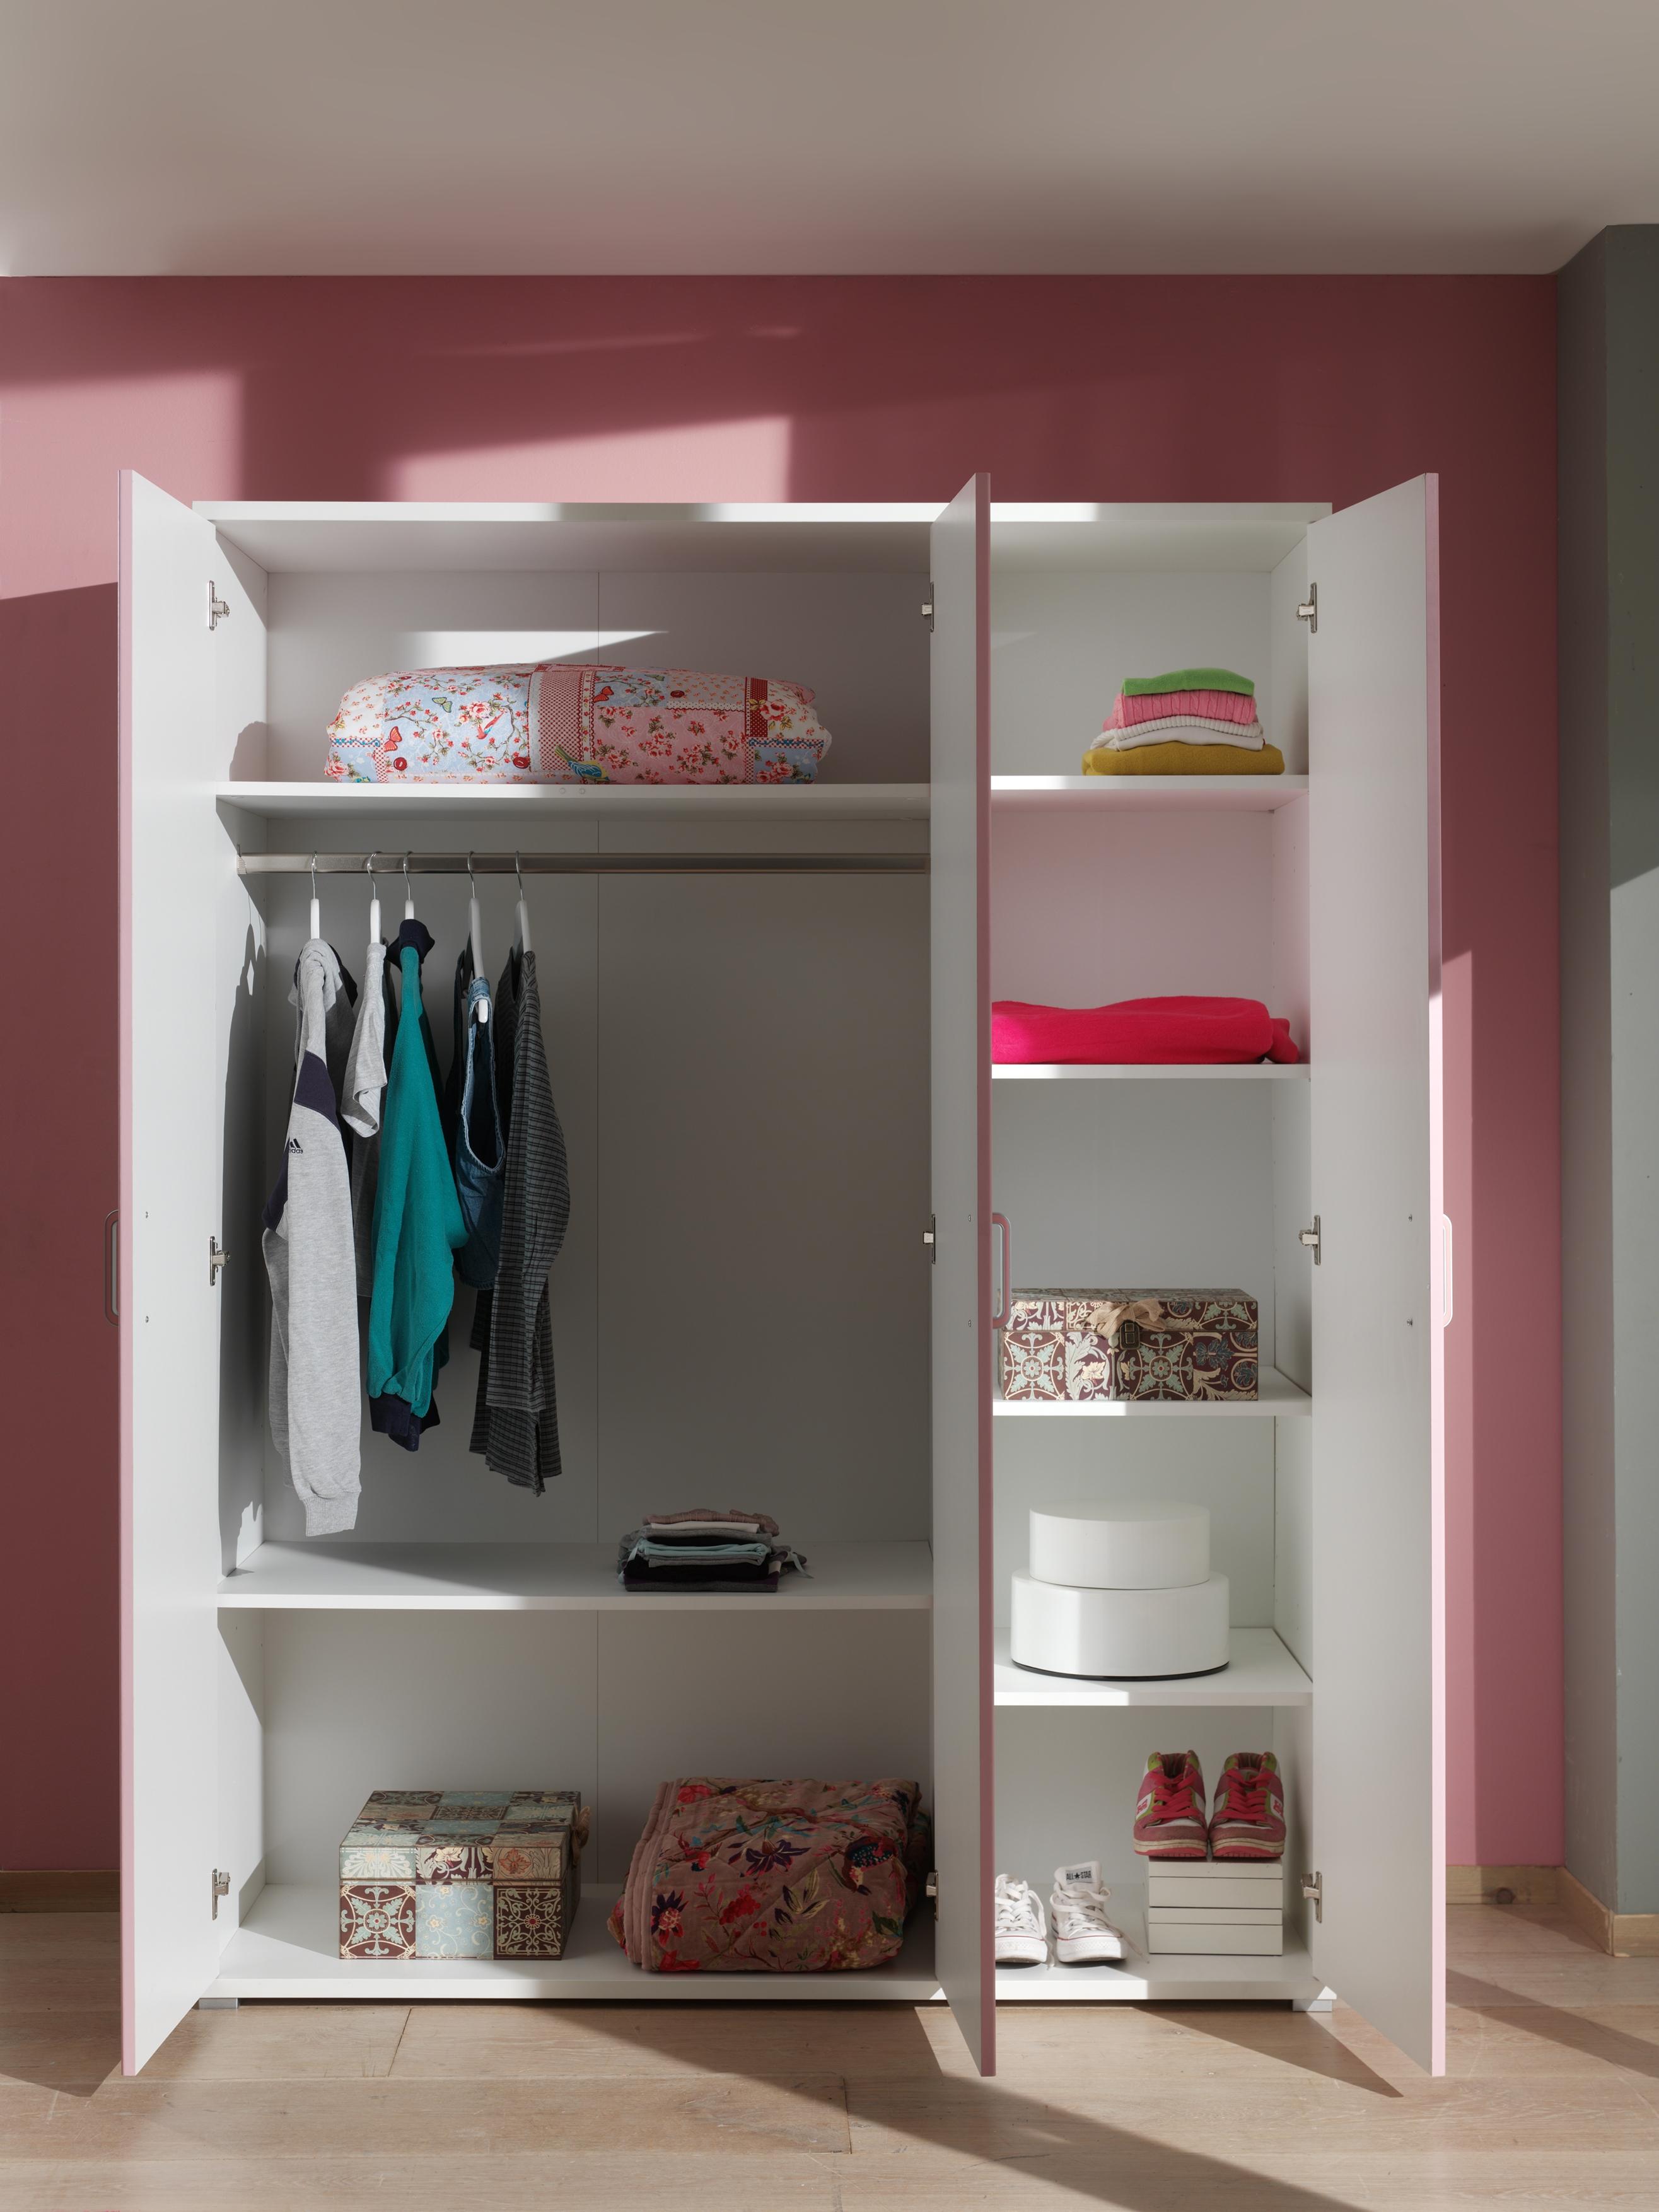 Lit chambre fillette emilie pour un style romantique so nuit for Petite armoire de chambre